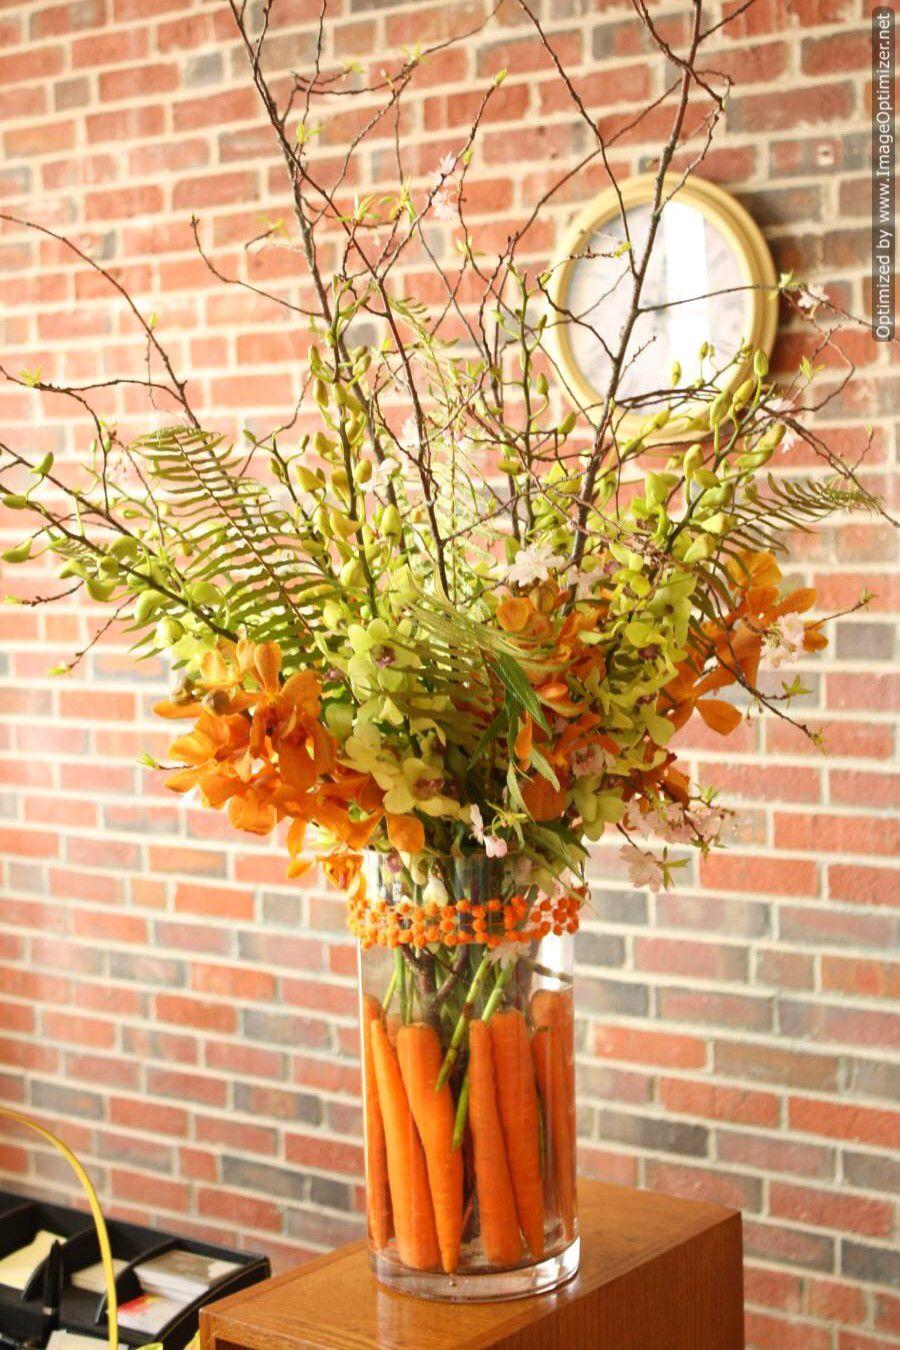 이미지 출처 http://www.agardenpartyllc.com/wp-content/uploads/2011/04/IMG_1205.jpg